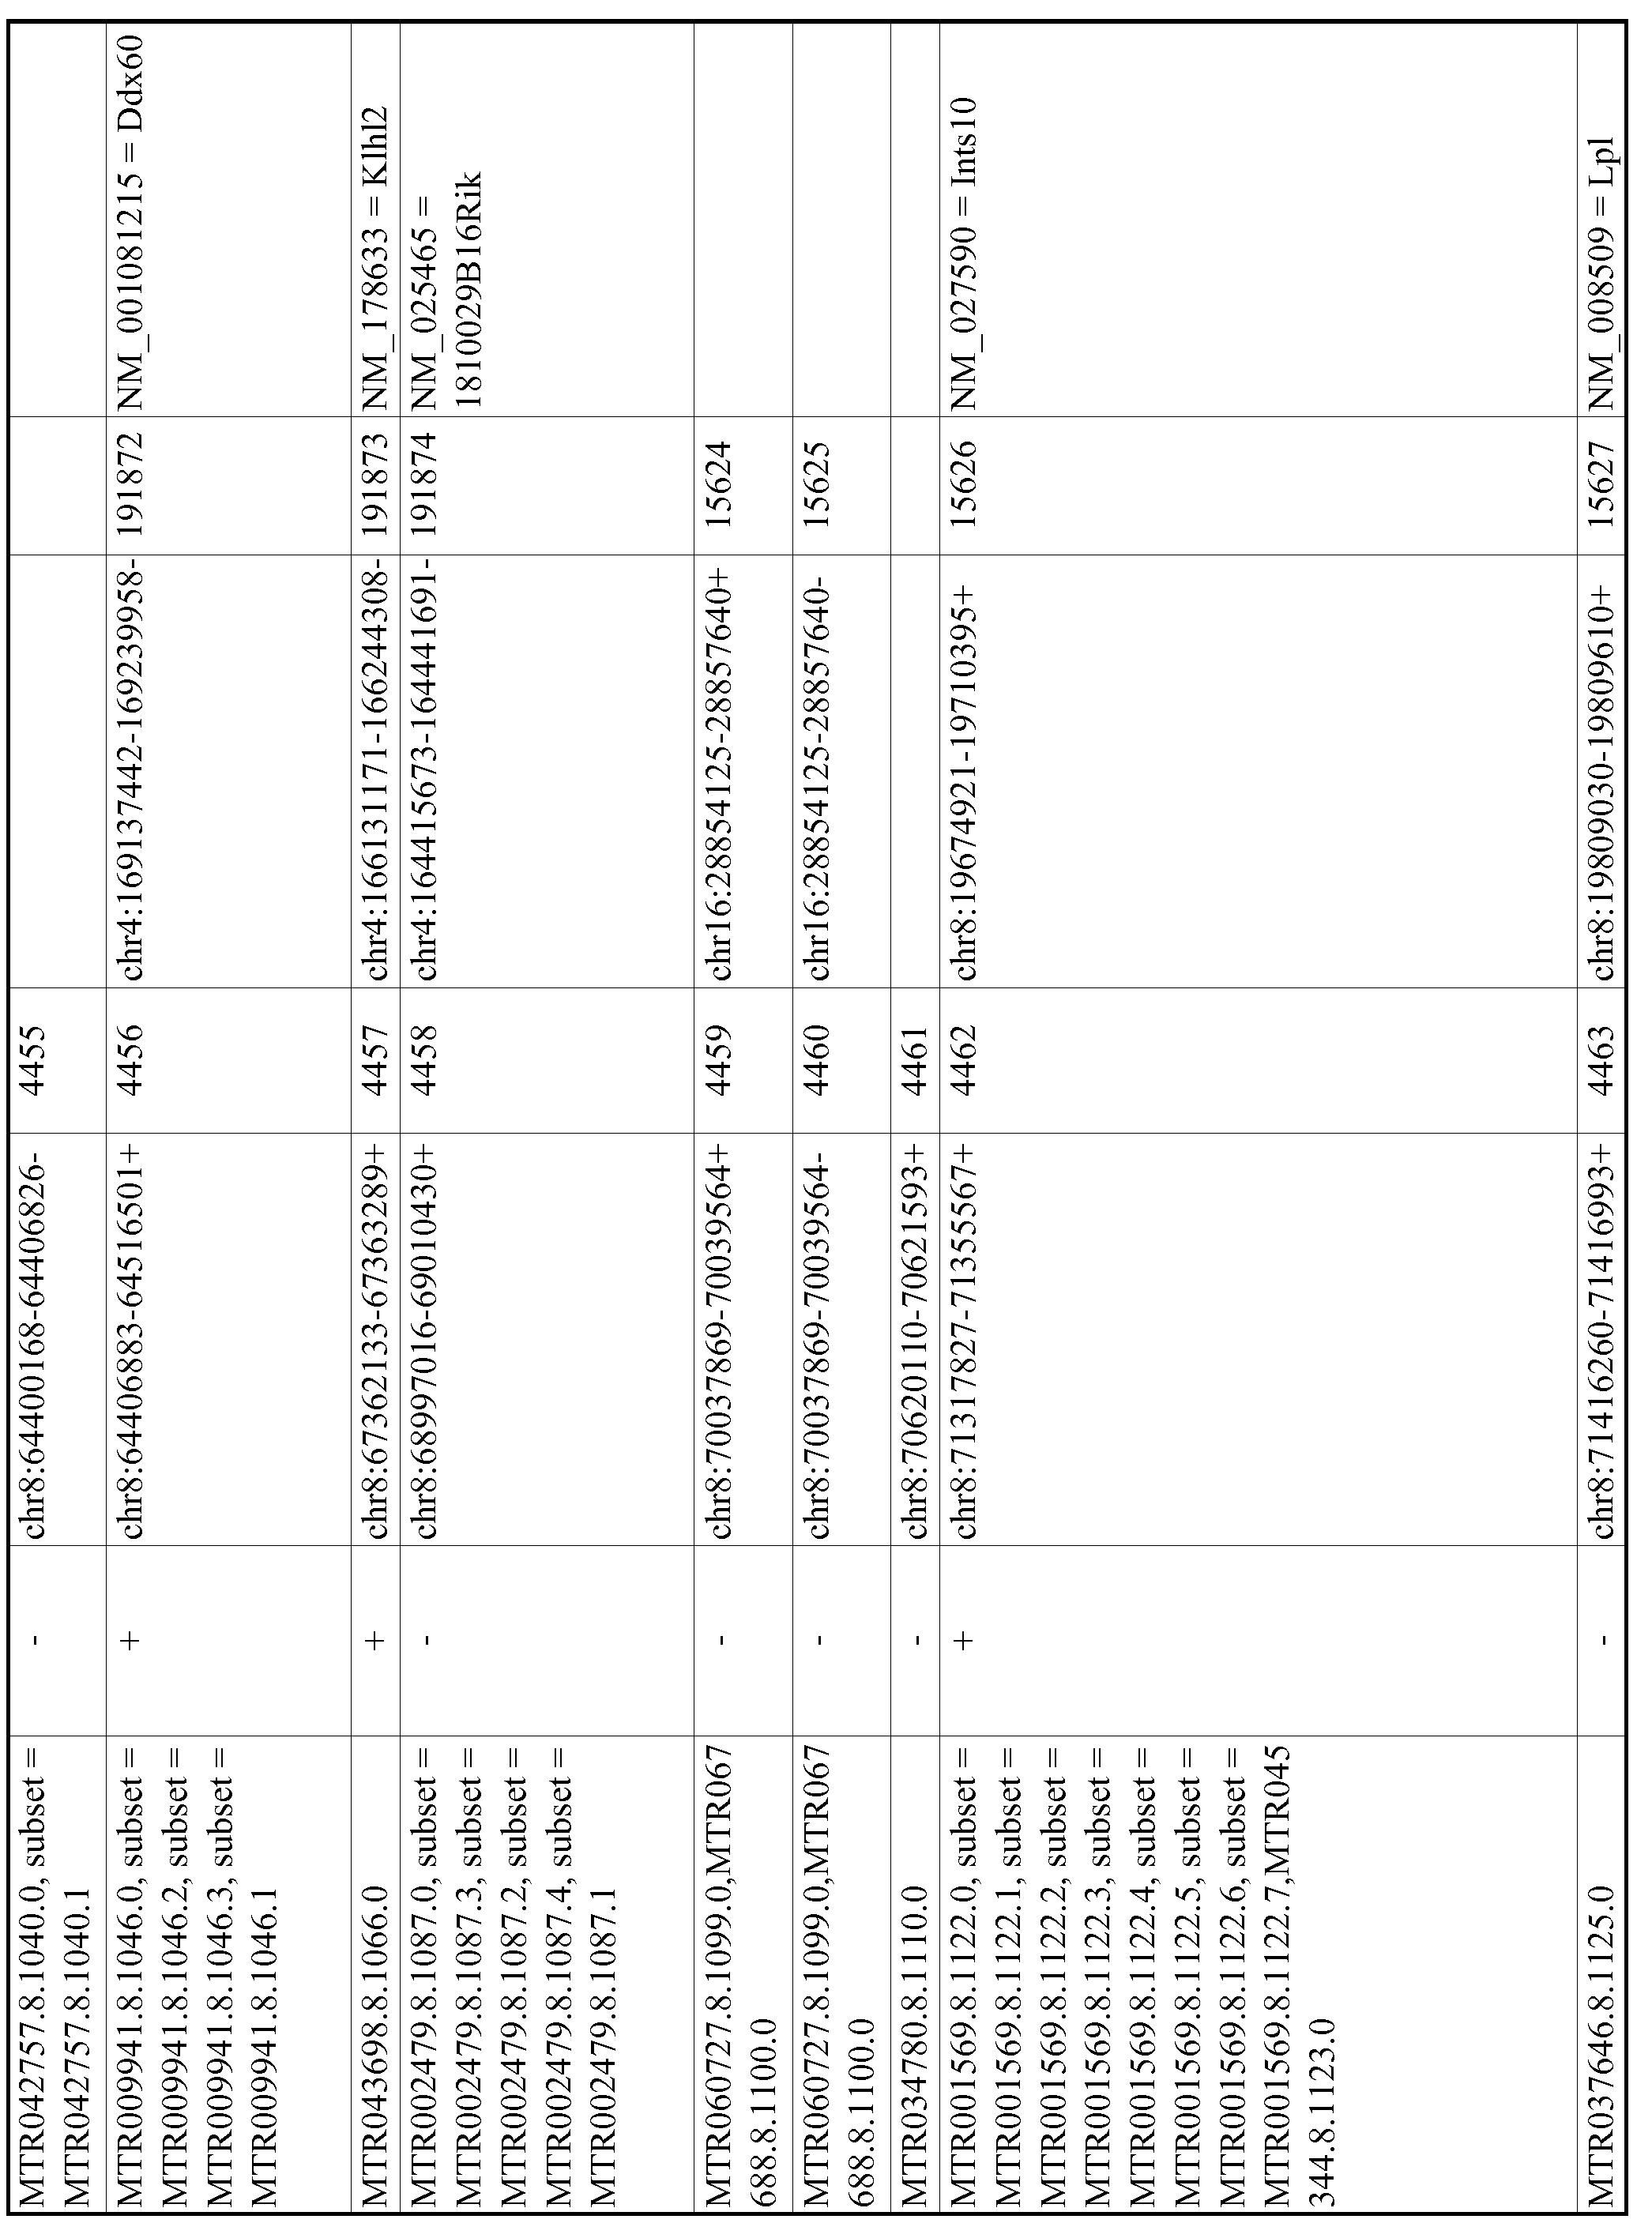 Figure imgf000829_0001